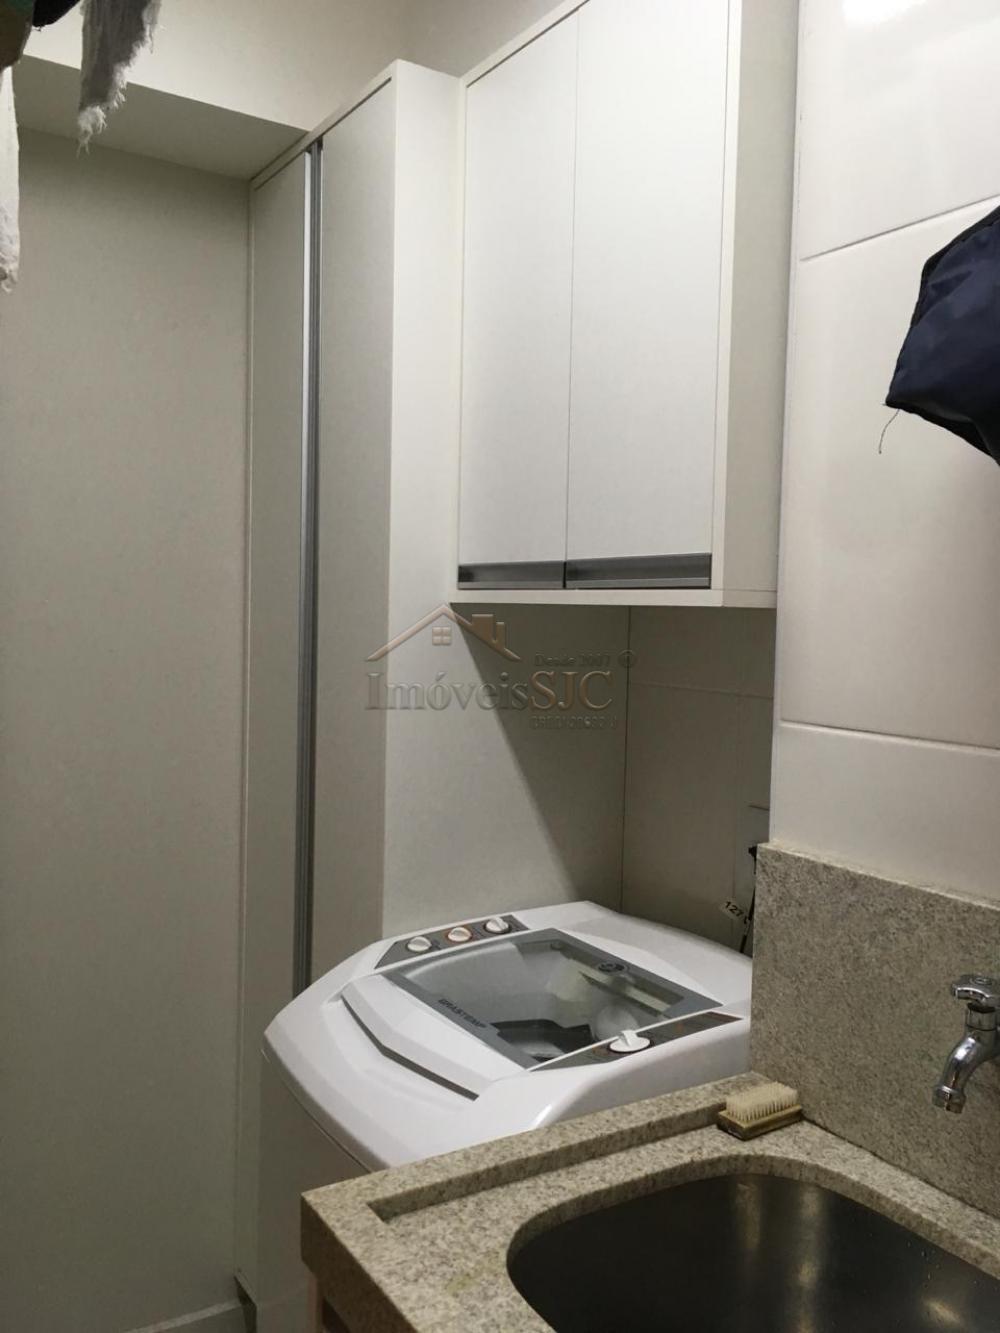 Comprar Apartamentos / Padrão em São José dos Campos apenas R$ 990.000,00 - Foto 8